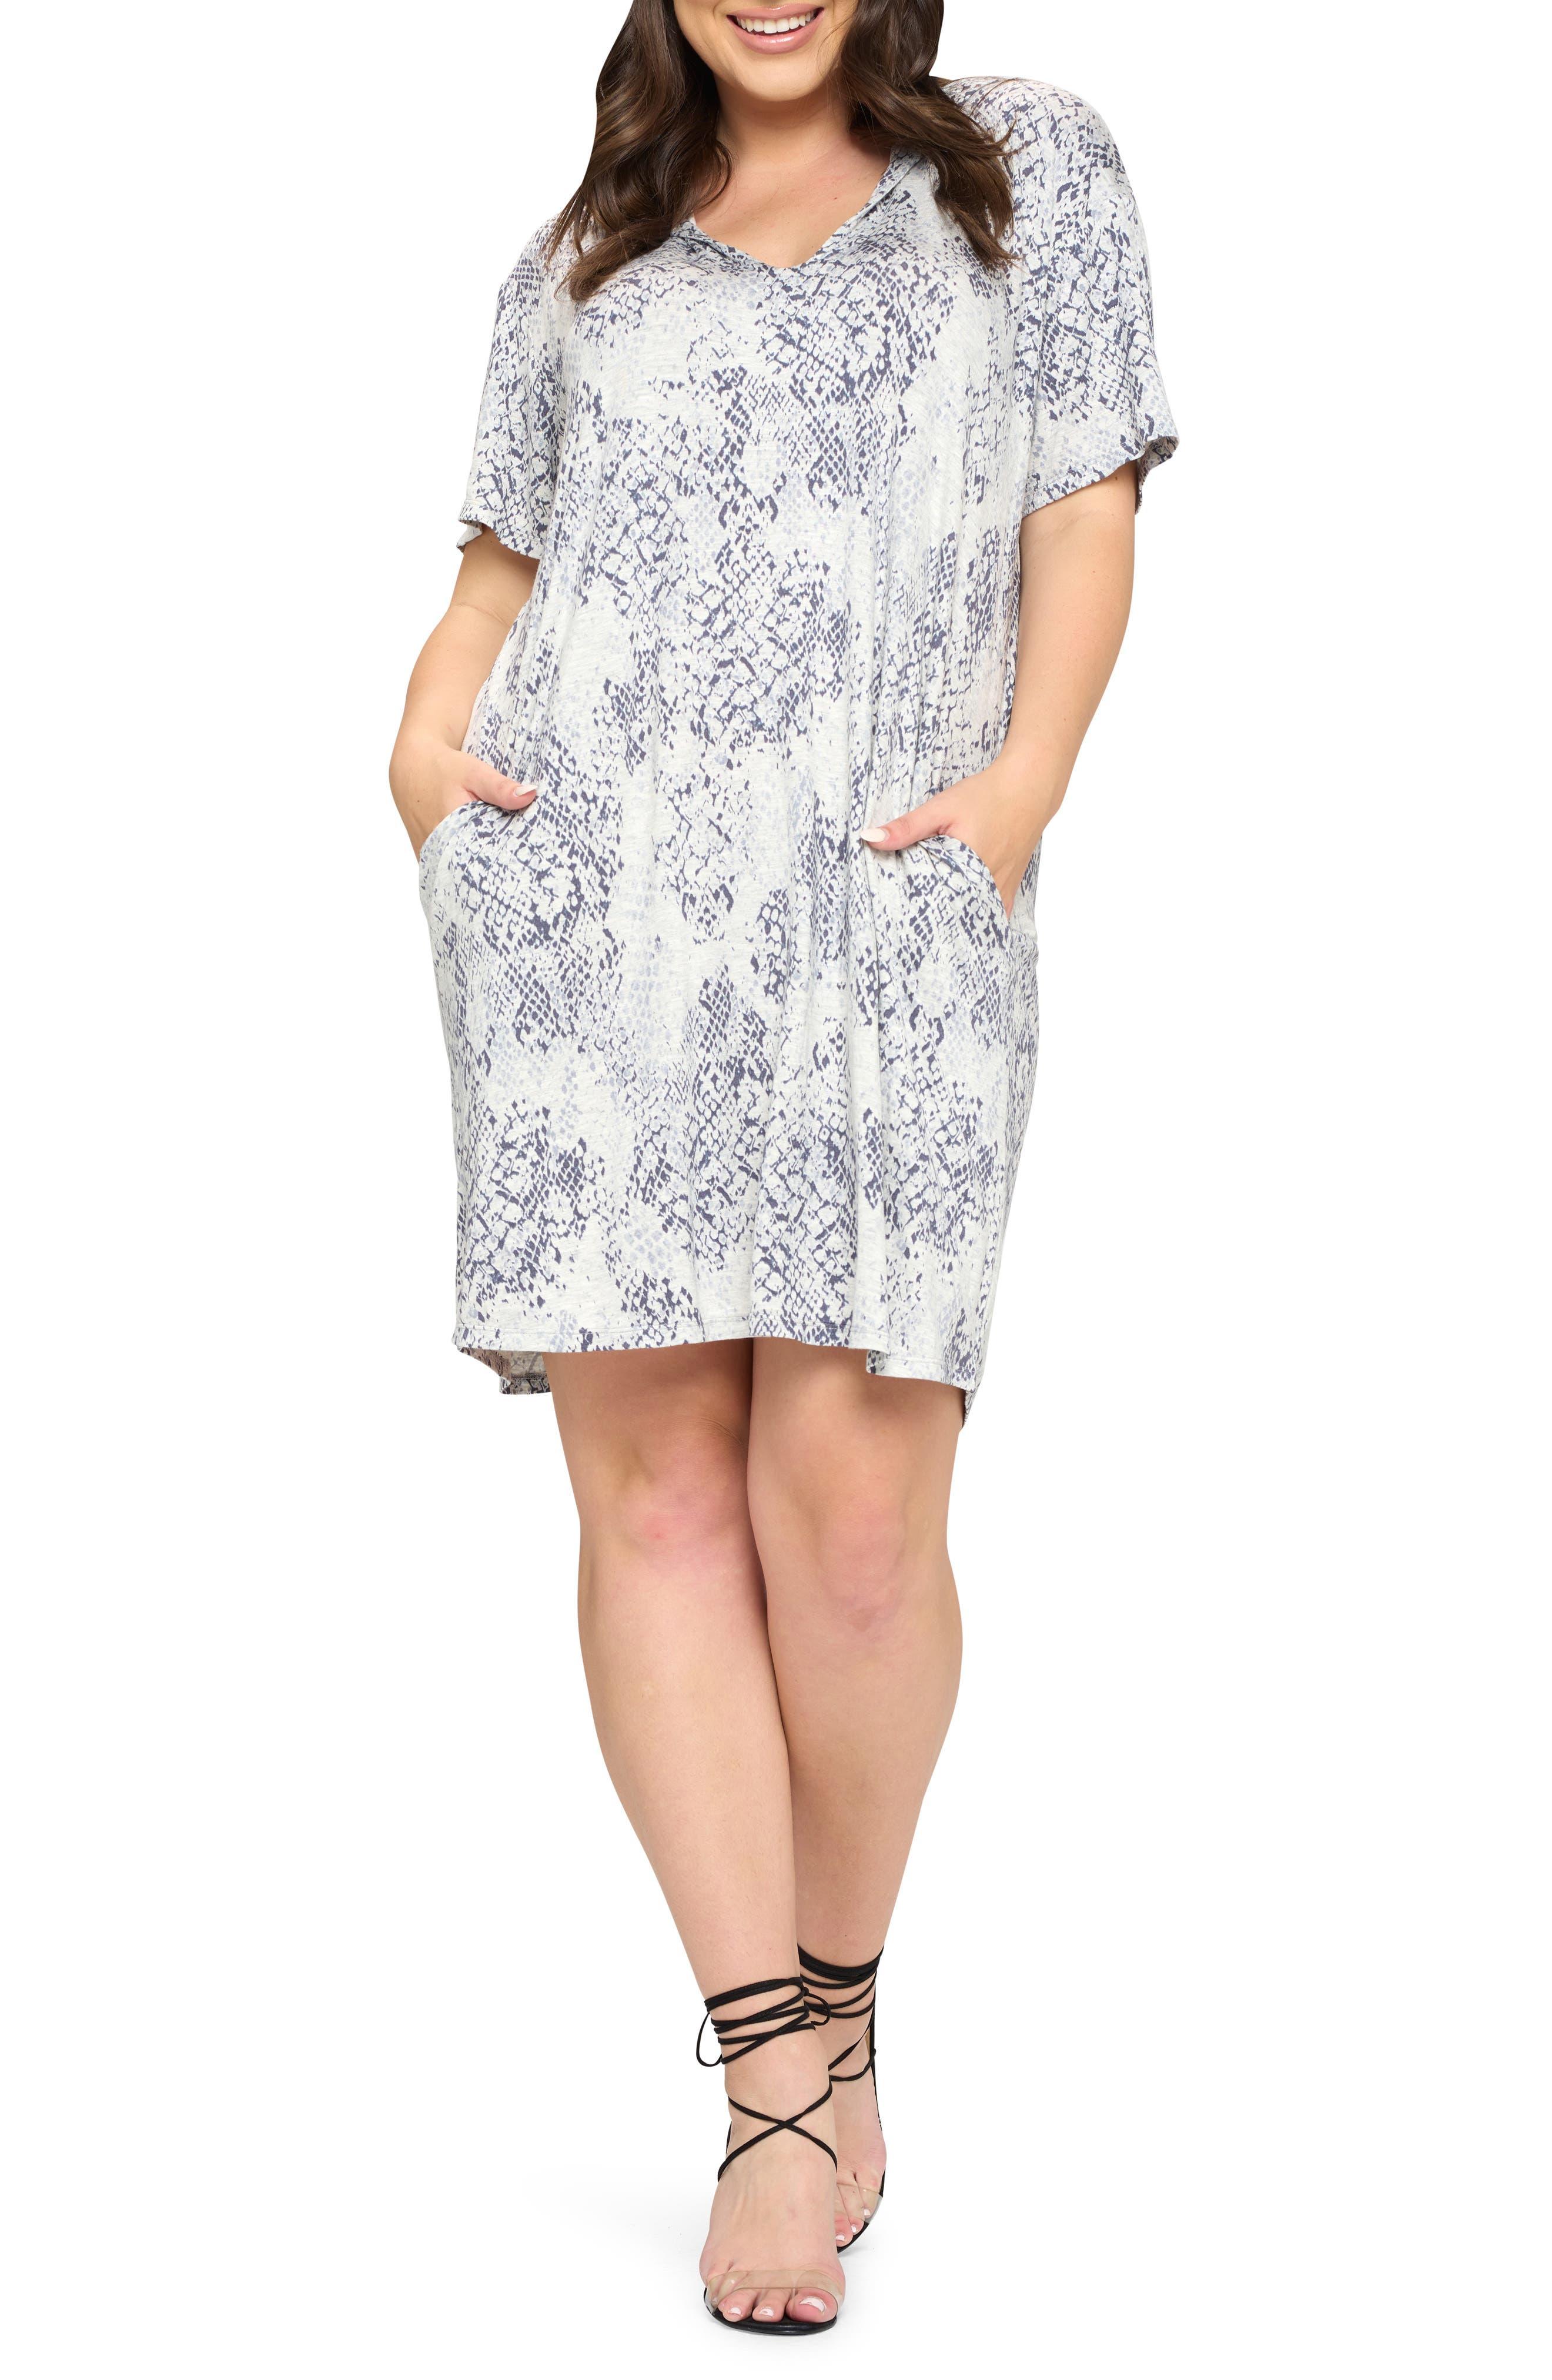 Snakeskin Hooded T-Shirt Dress